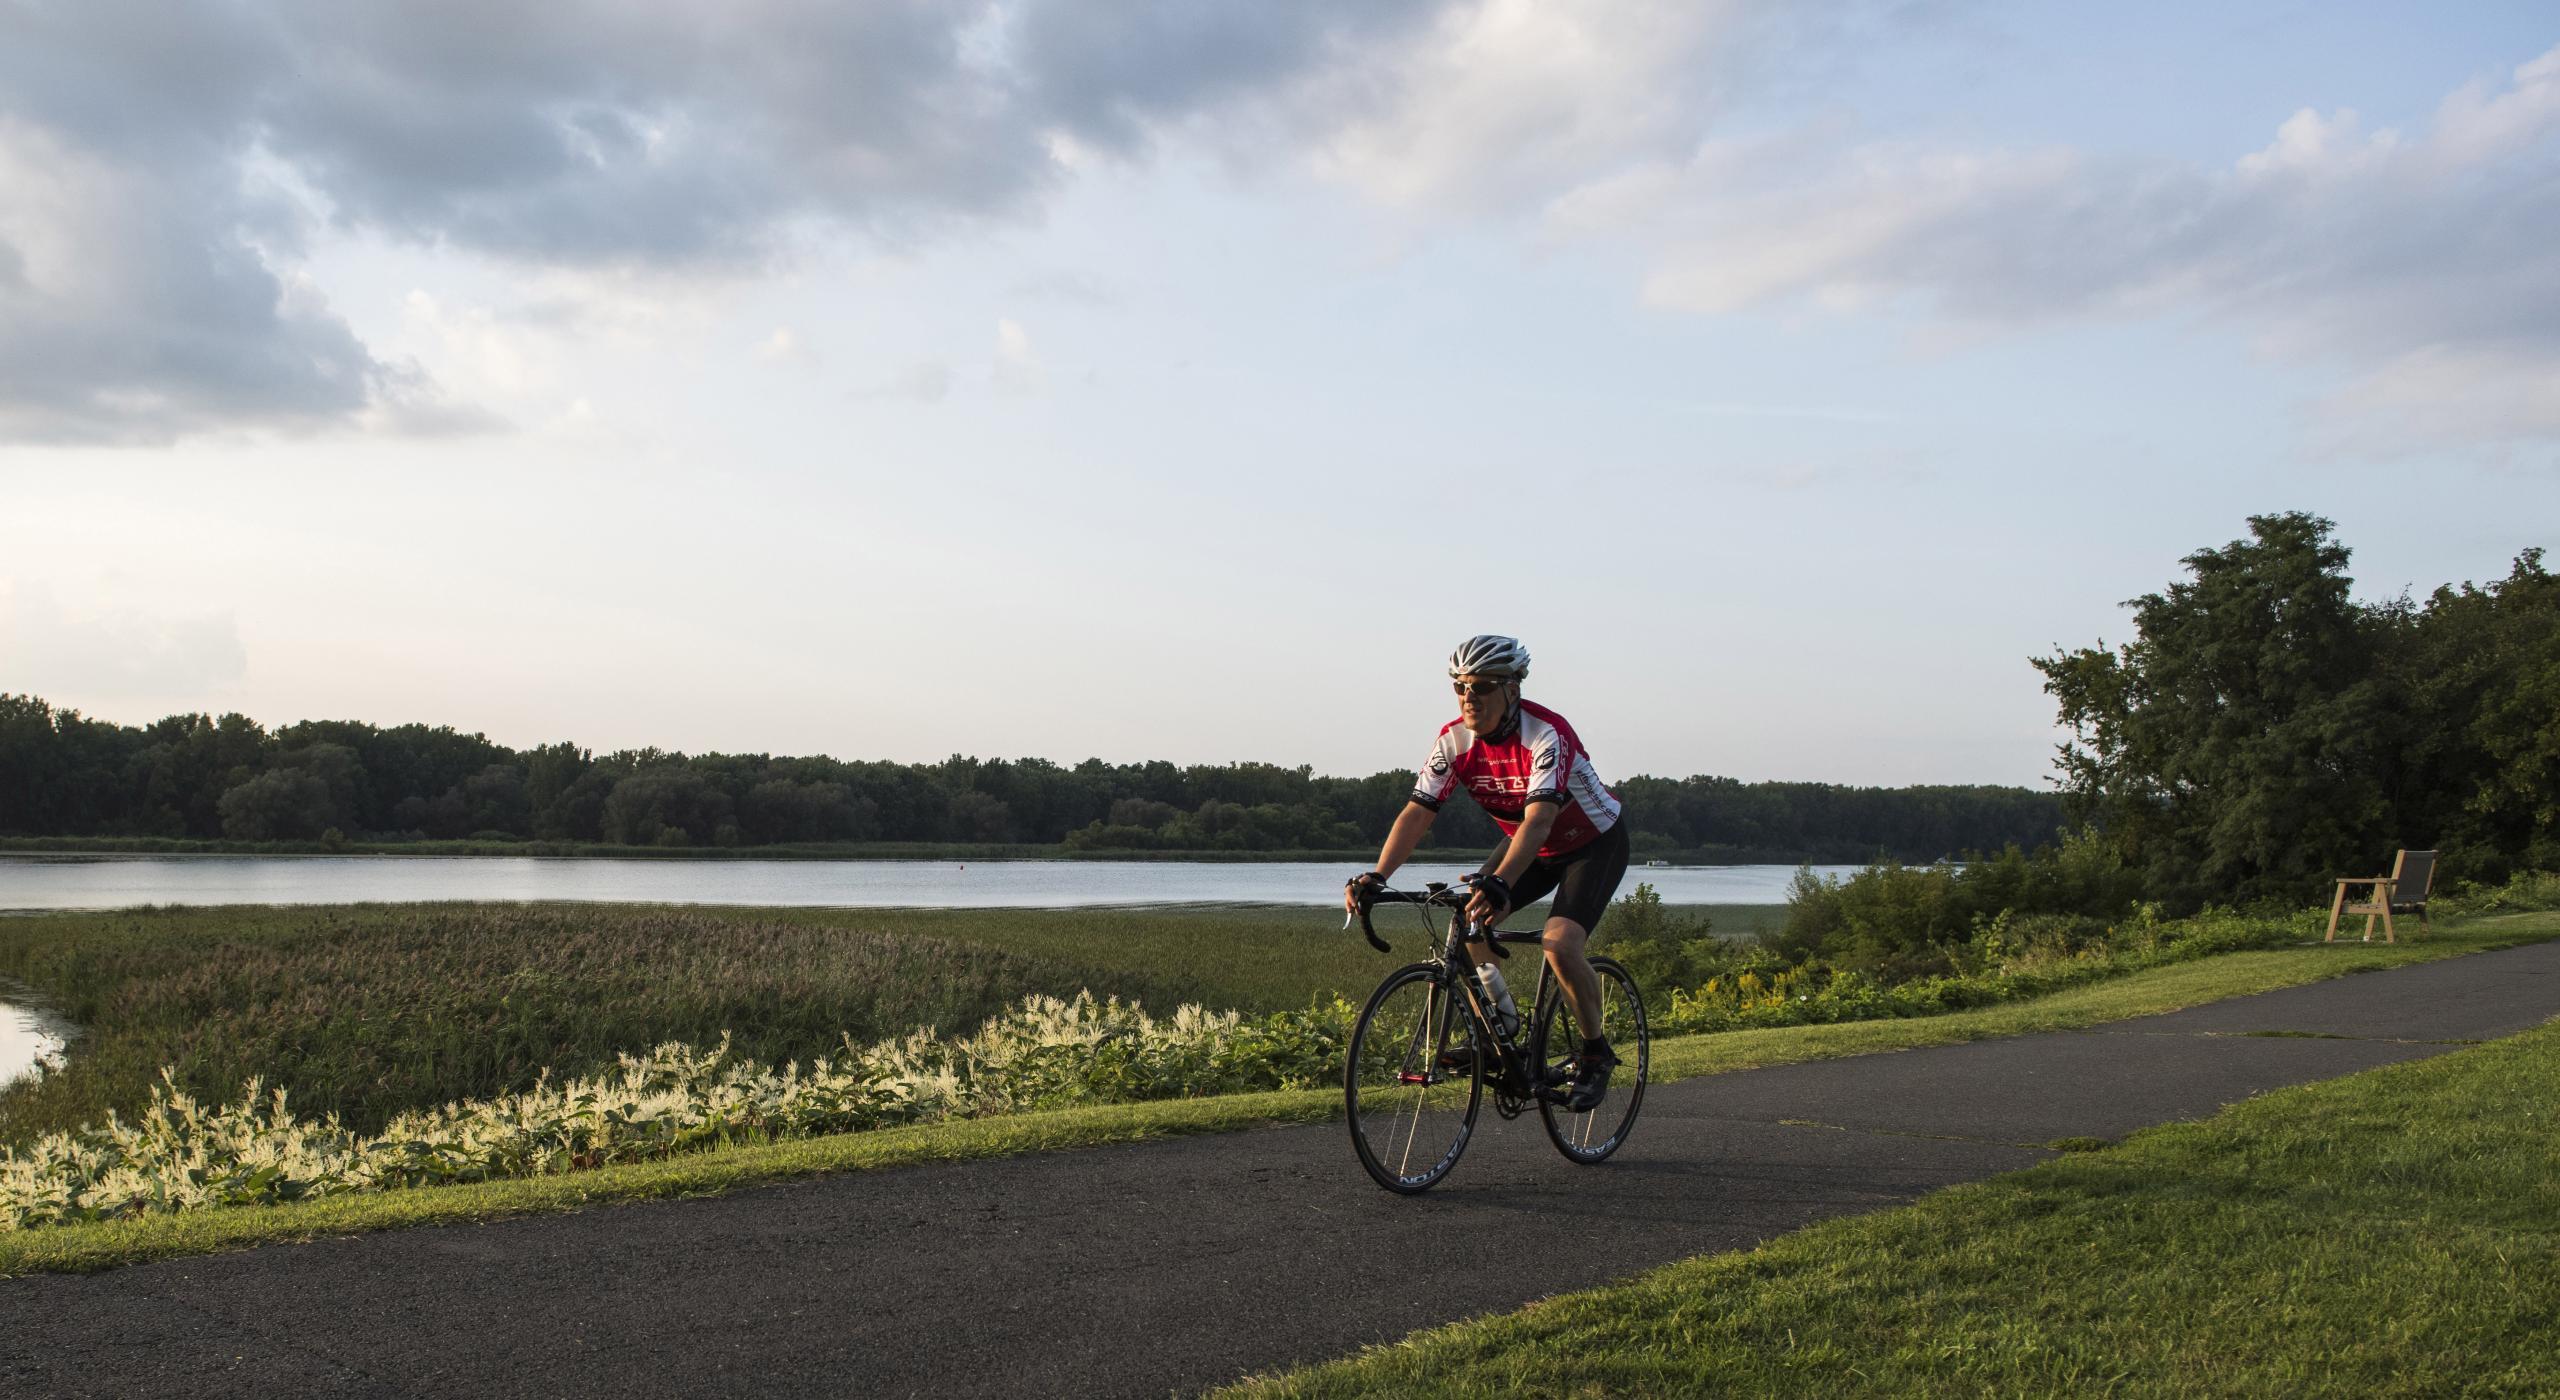 ニューヨーク州を自転車で:あらゆるレベル向けの景観美あふれる 6 本のサイクリングトレイル